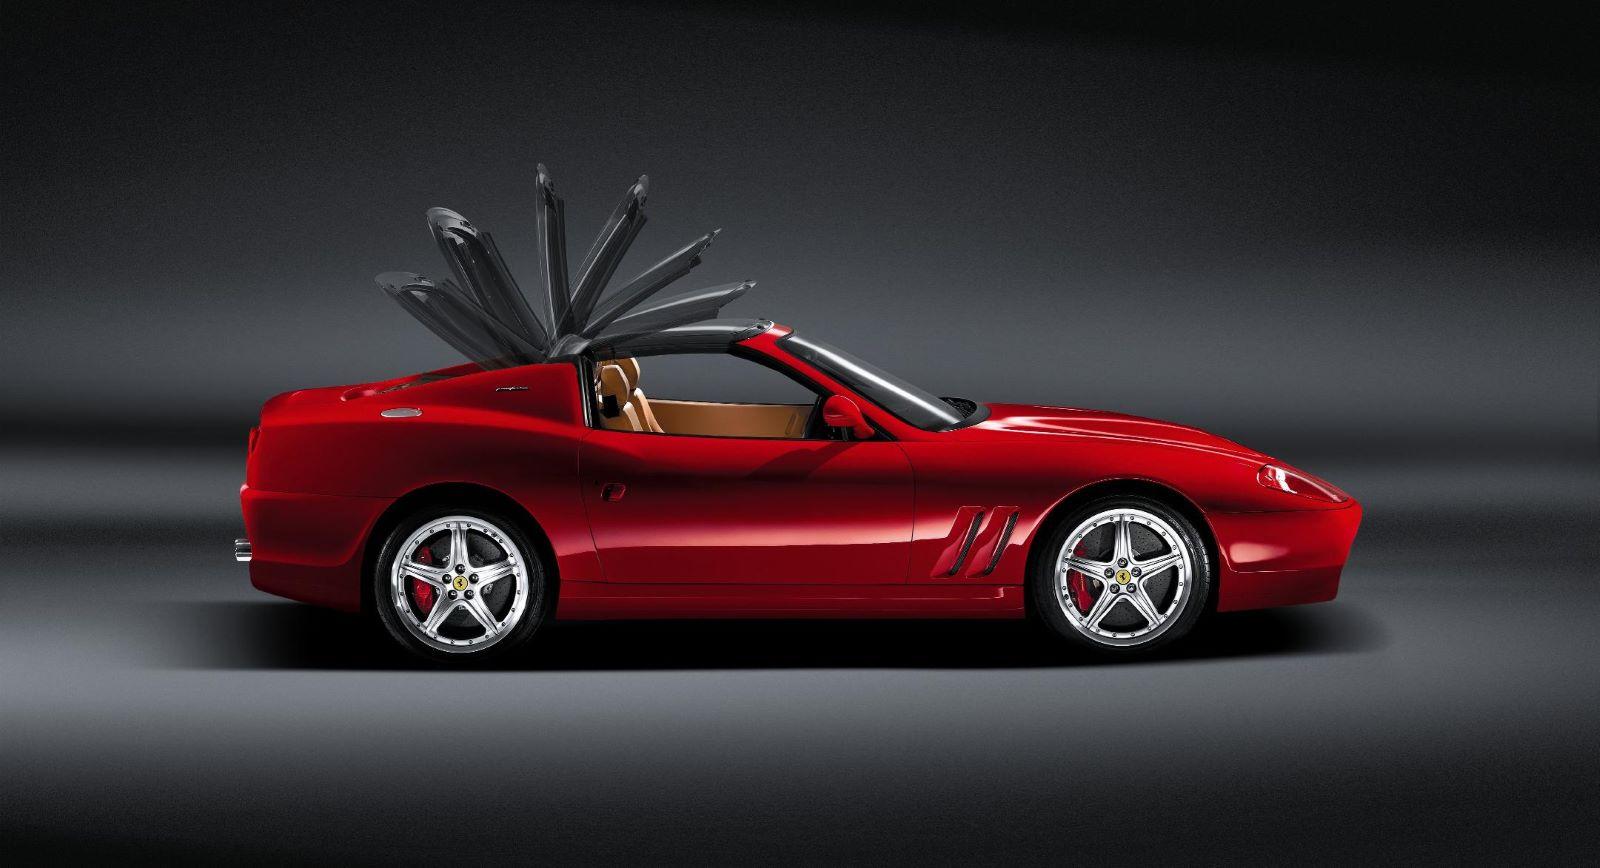 Ferrari Superamerica - profil, bok, dach